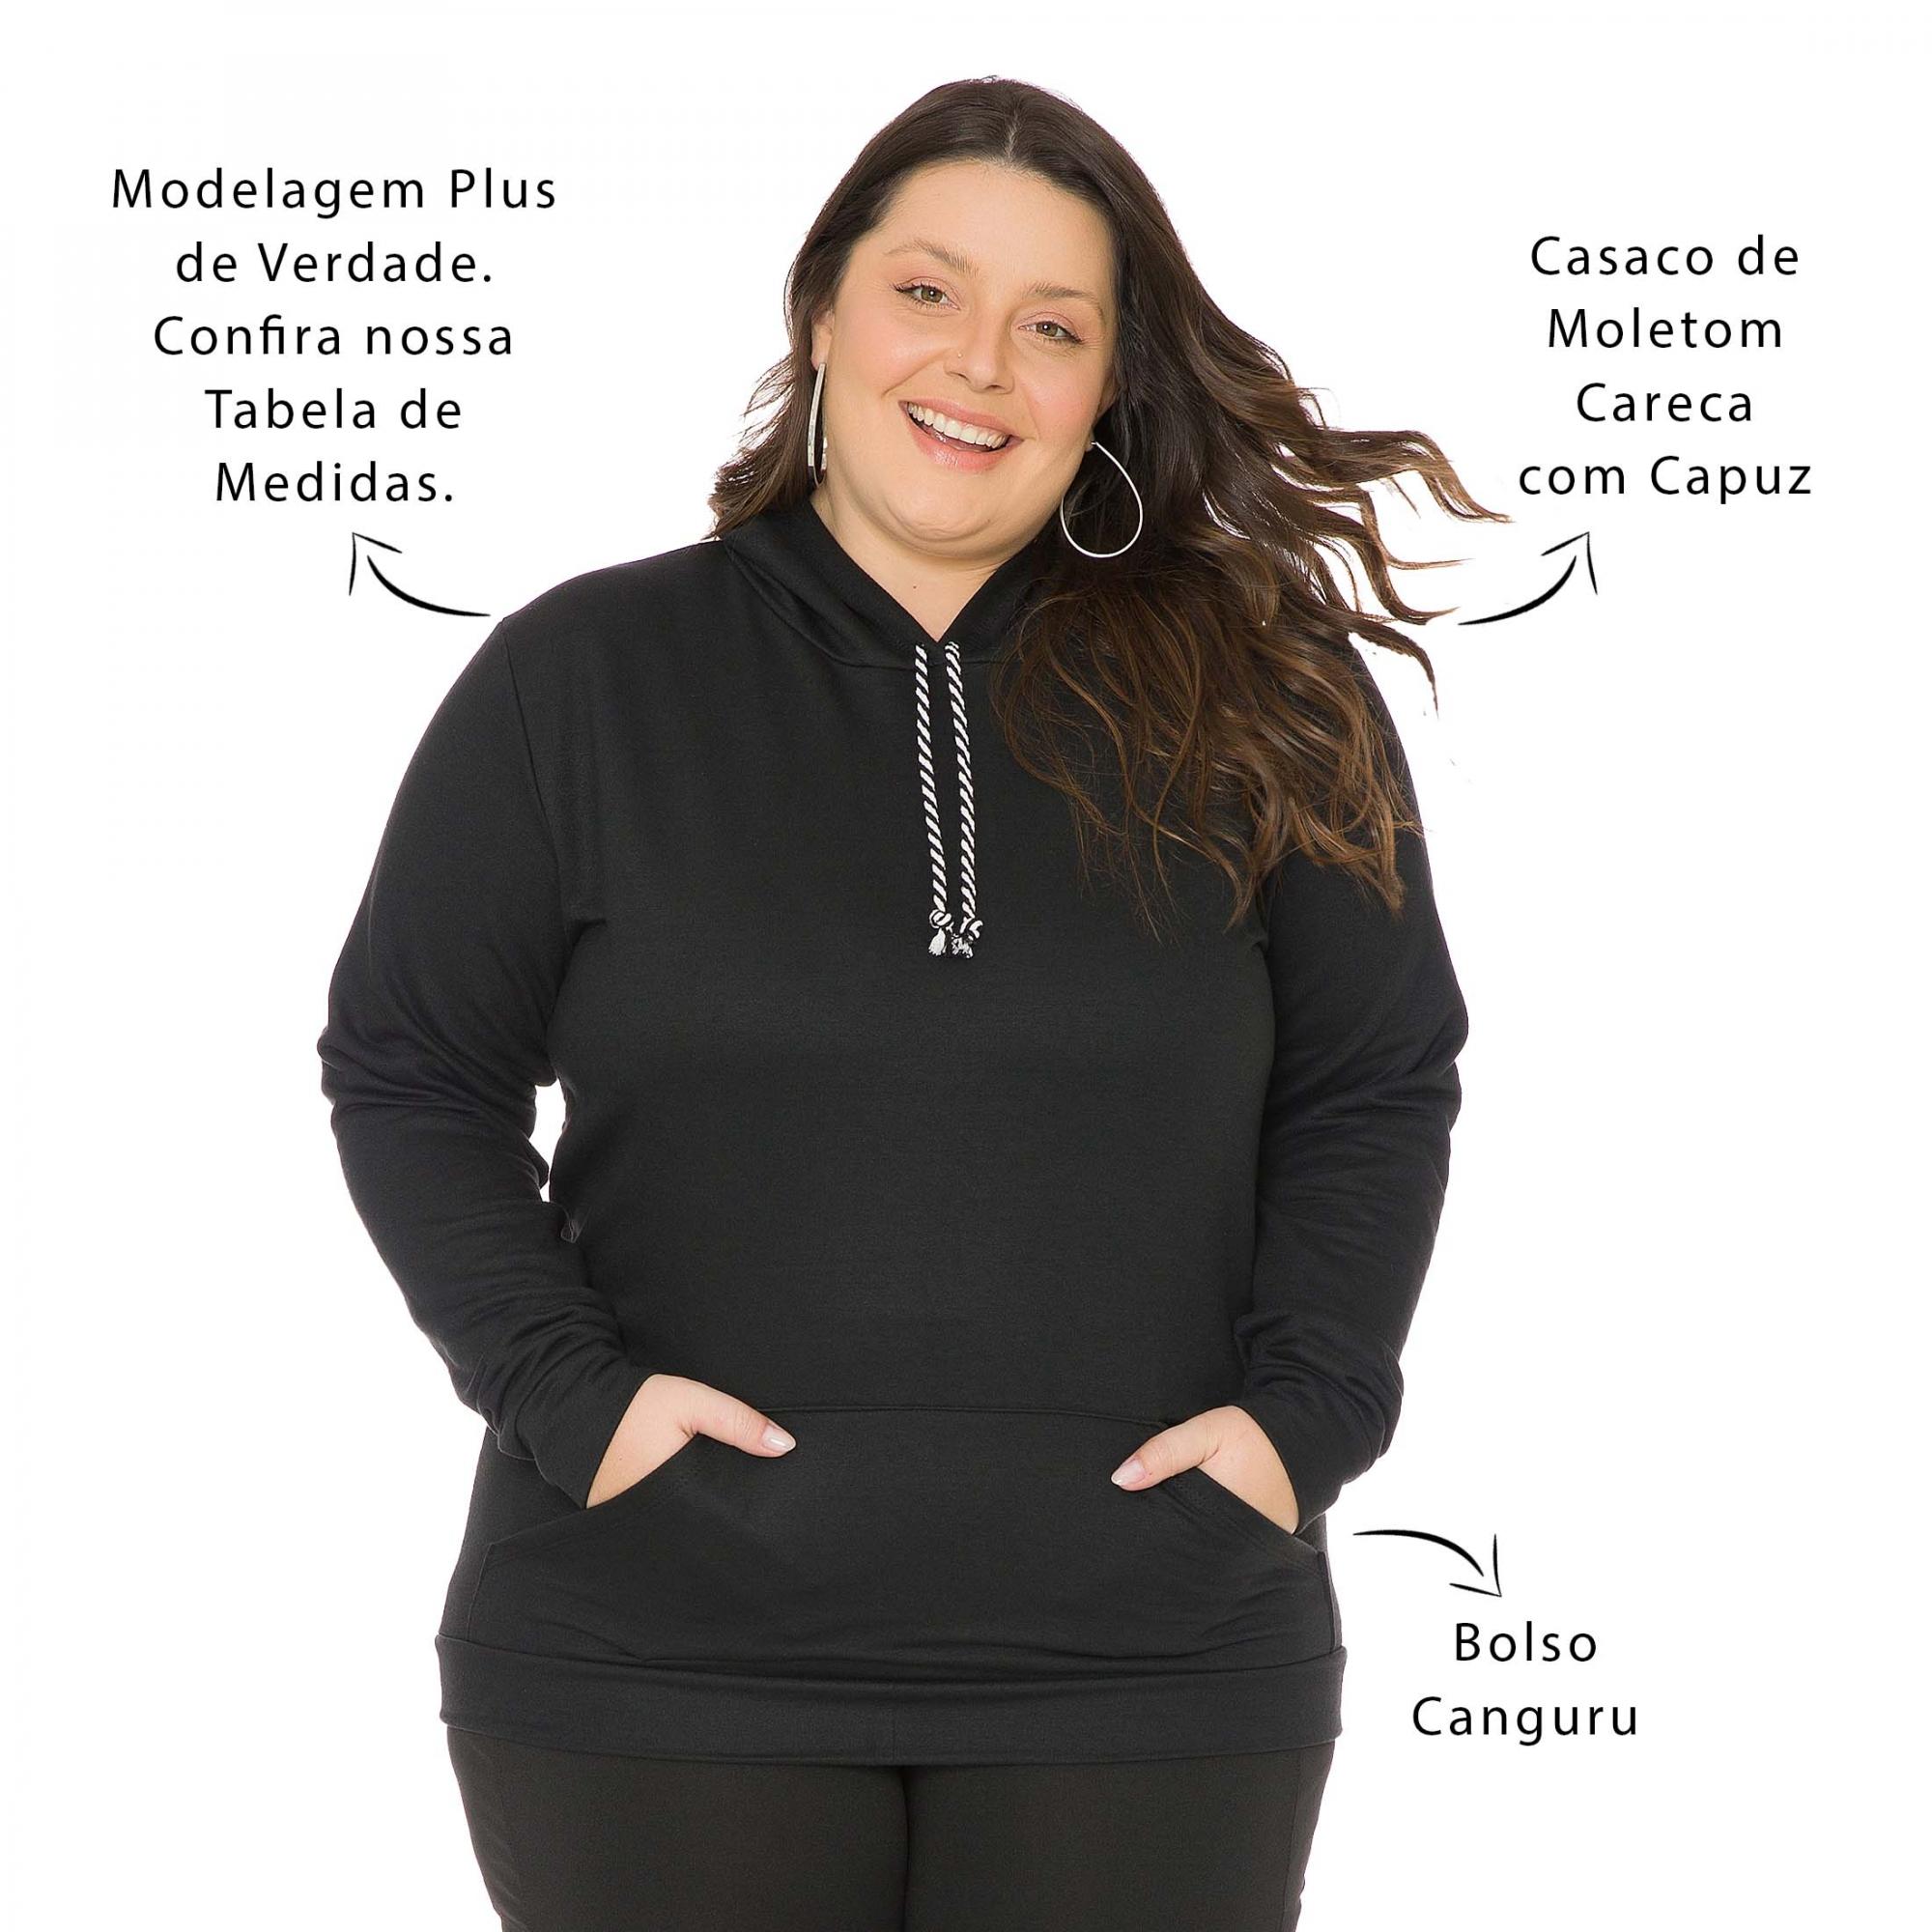 Blusão Casaco de Moletom Feminino Plus Size com Bolso Canguru e Capuz 1137